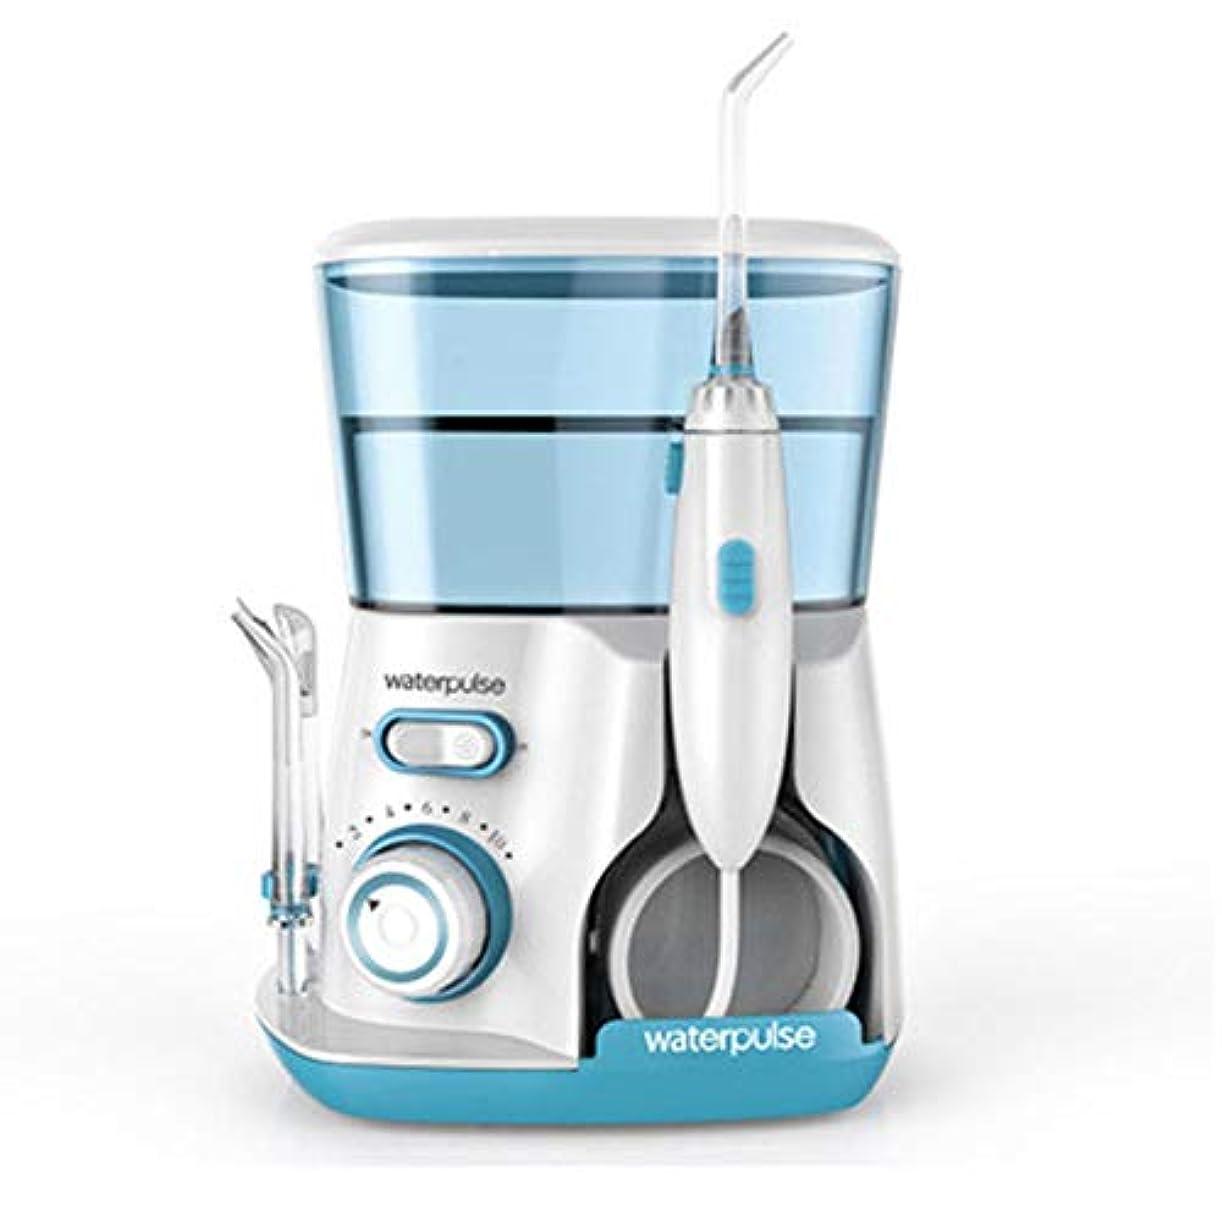 健全正しい発言する水の容量800mlの5つの多機能ヒントのカウンタートップ歯科口腔洗浄器でリークプルーフ電気静かな設計ホーム&トラベル (色 : Green)